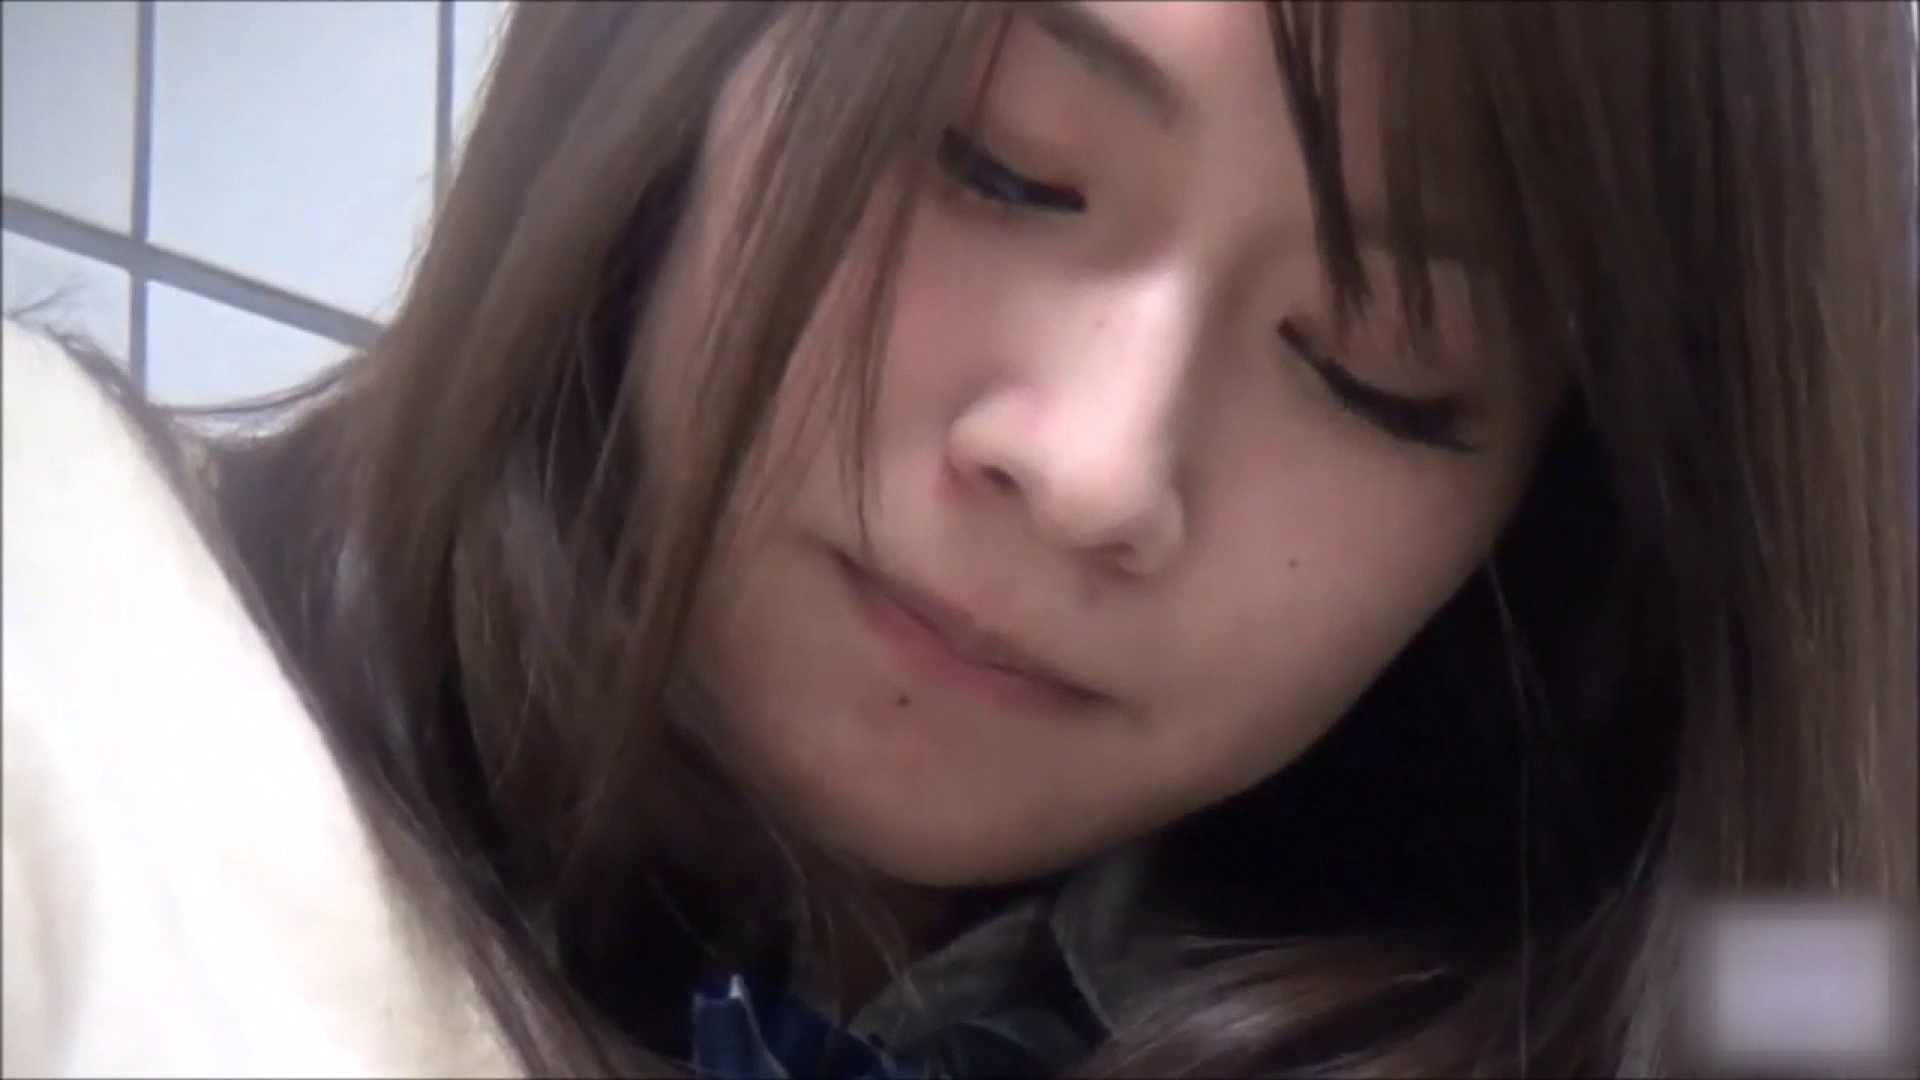 美少女トイレでオナニー!盗撮編vol.02 アイドル ヌード画像 98PIX 29